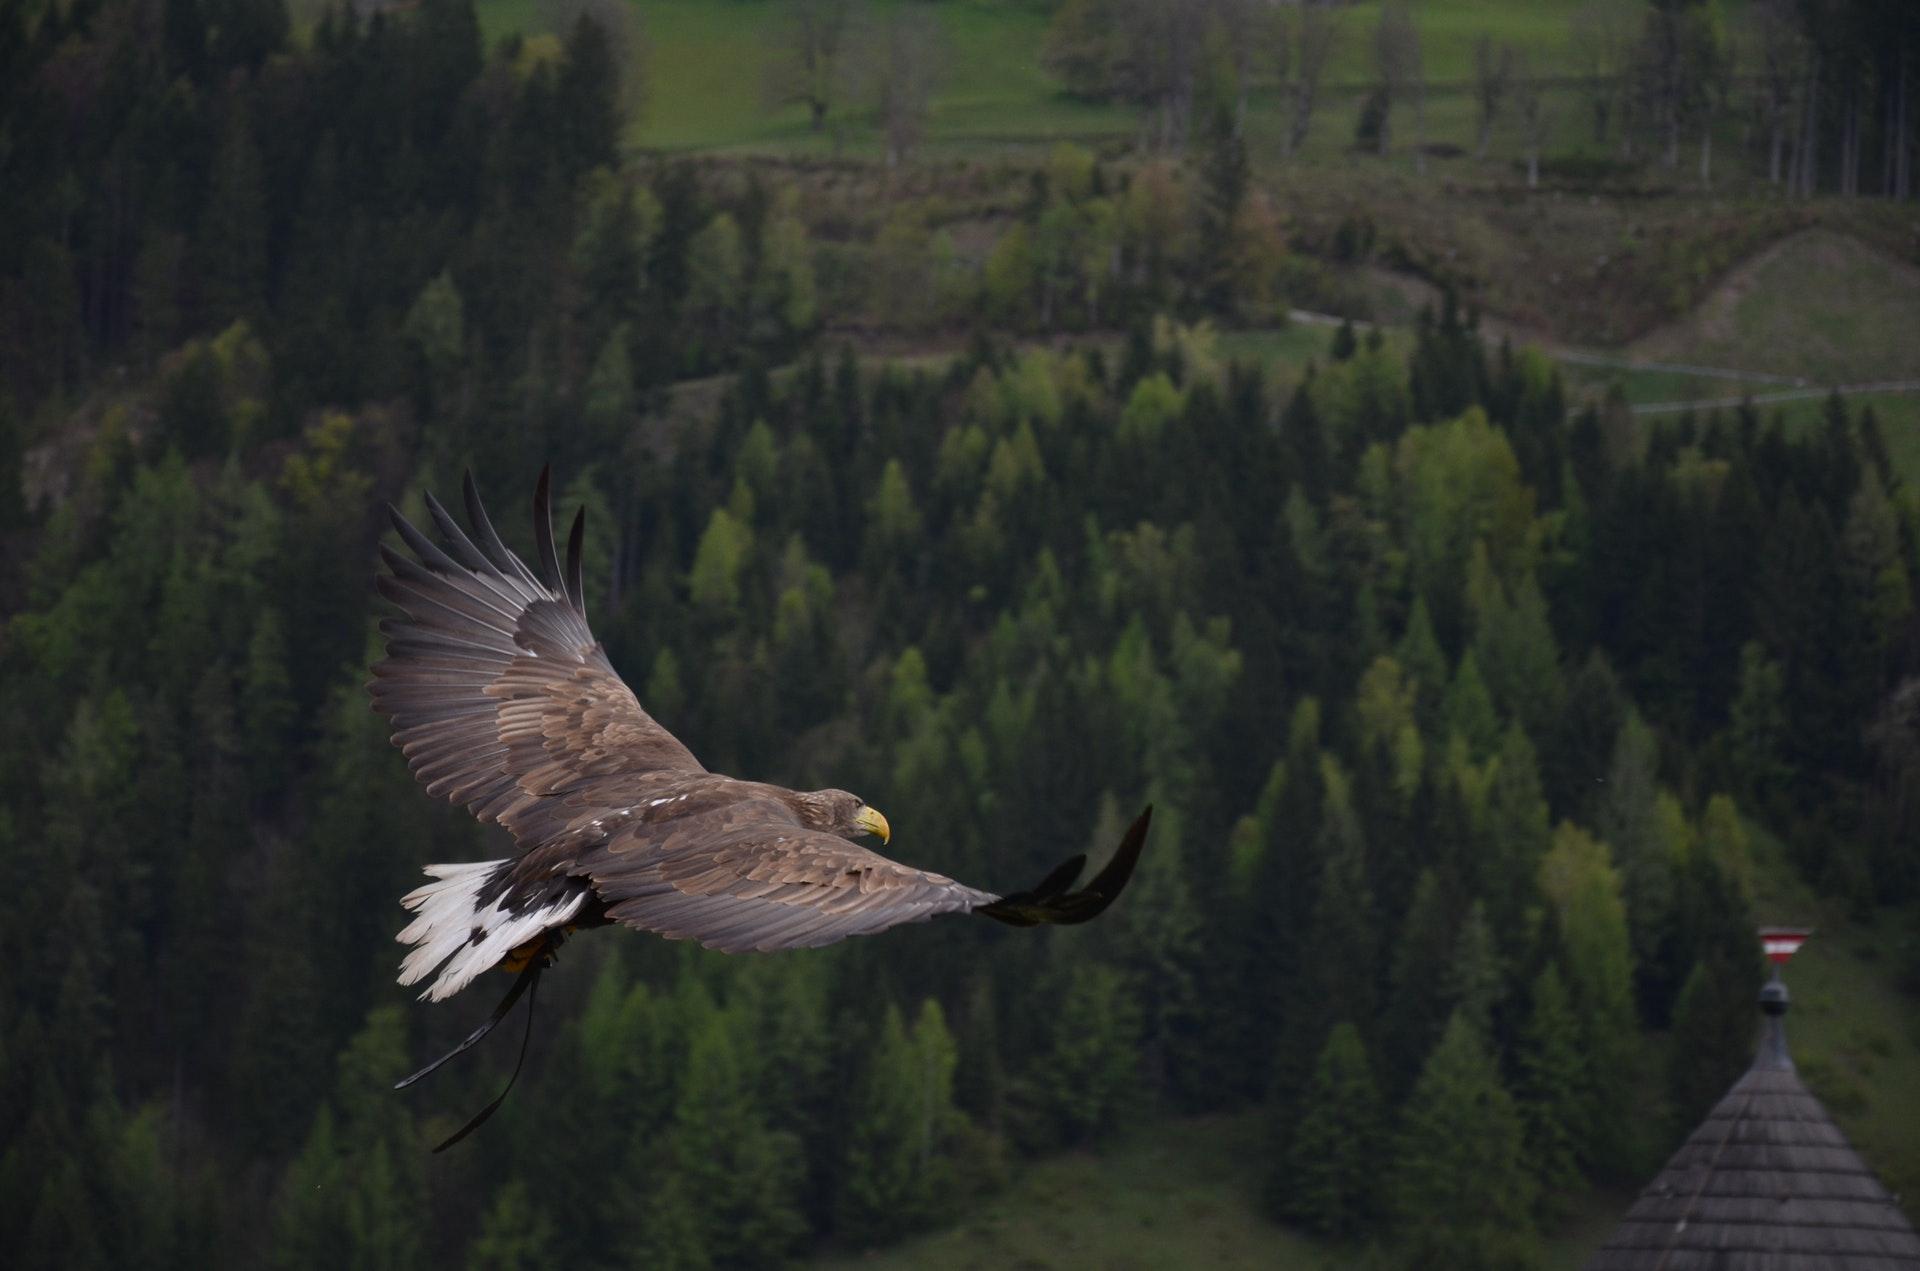 Sonhar com águia voando é refexo da nossa liberdade espiritual.